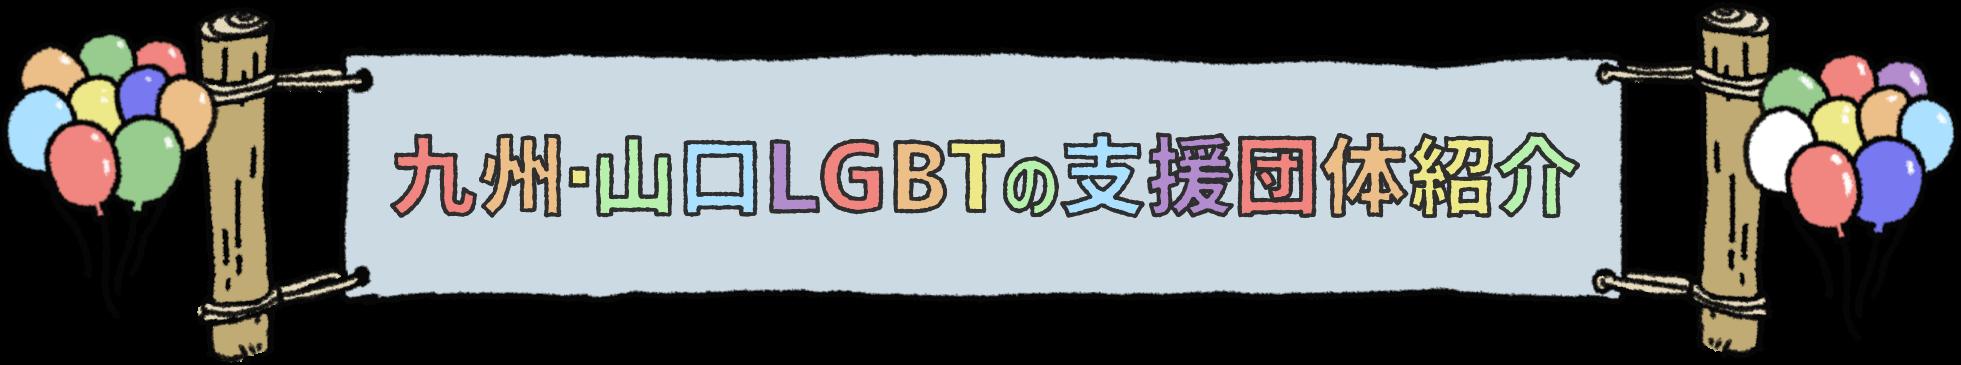 九州・山口LGBTの支援団体紹介